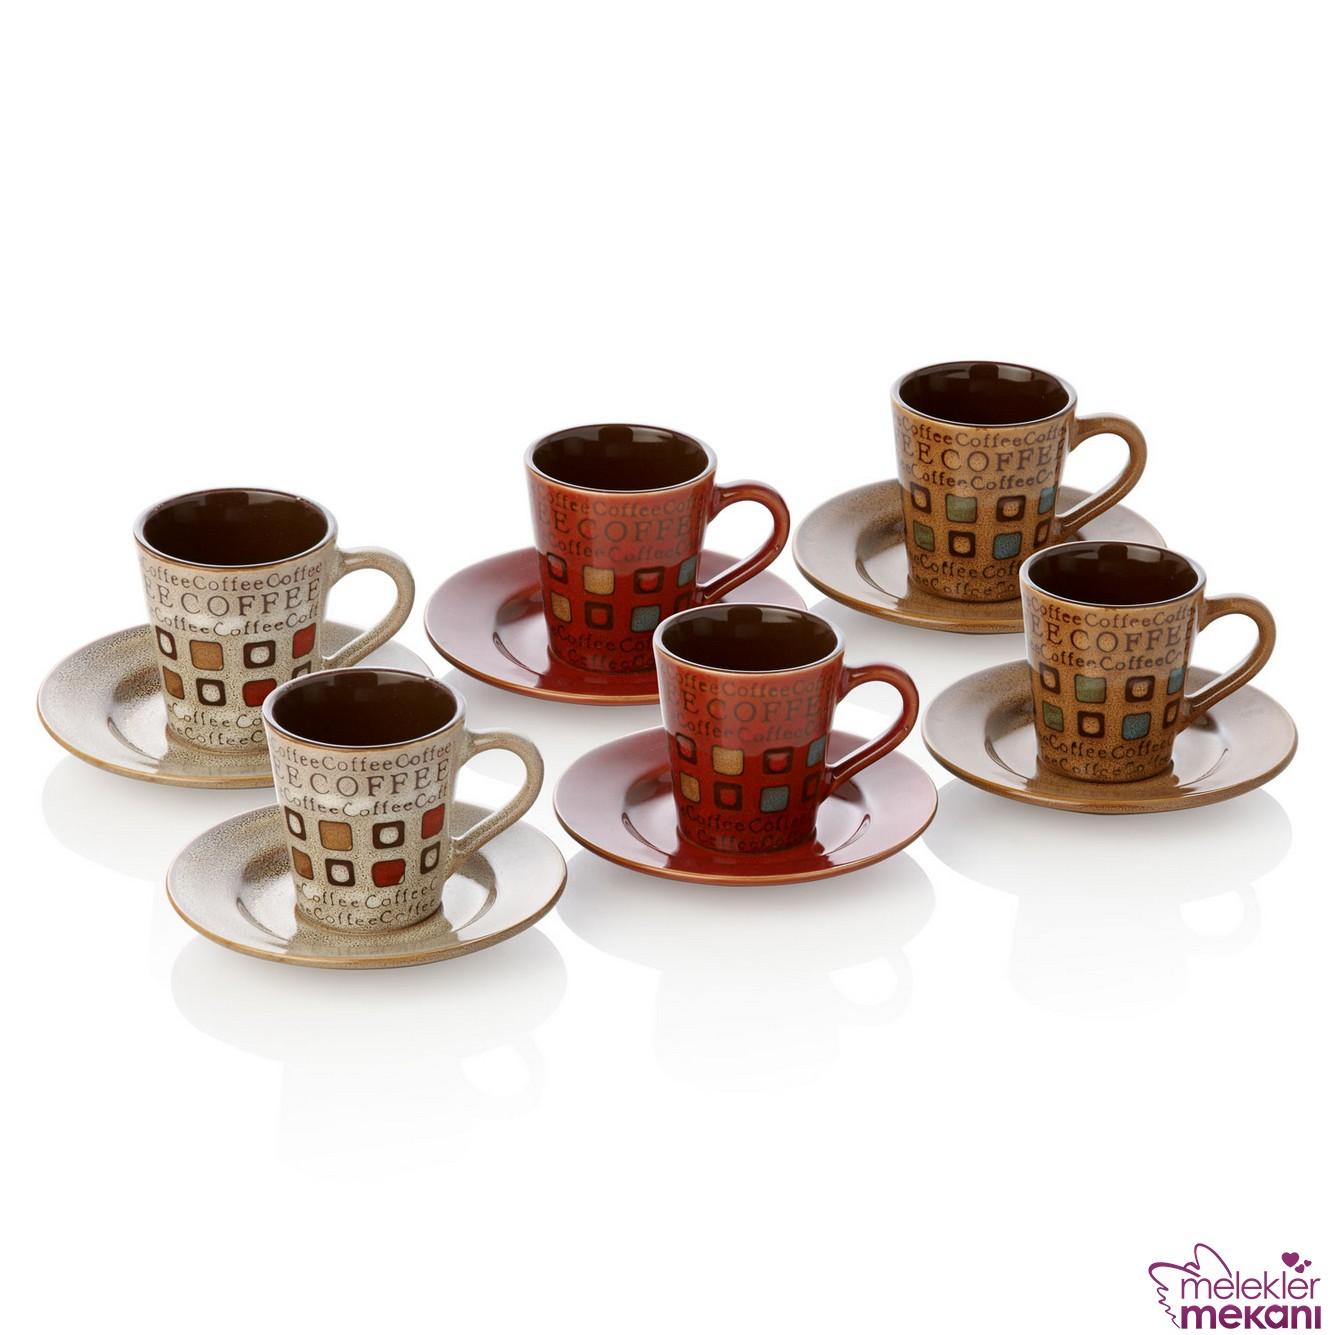 Yeni trend bernardo kahve fincanı takımları mutfağınızda ve gümüşlüklerinizde şık bir tercih olanağını ayağınıza kadar getirebilecektir.